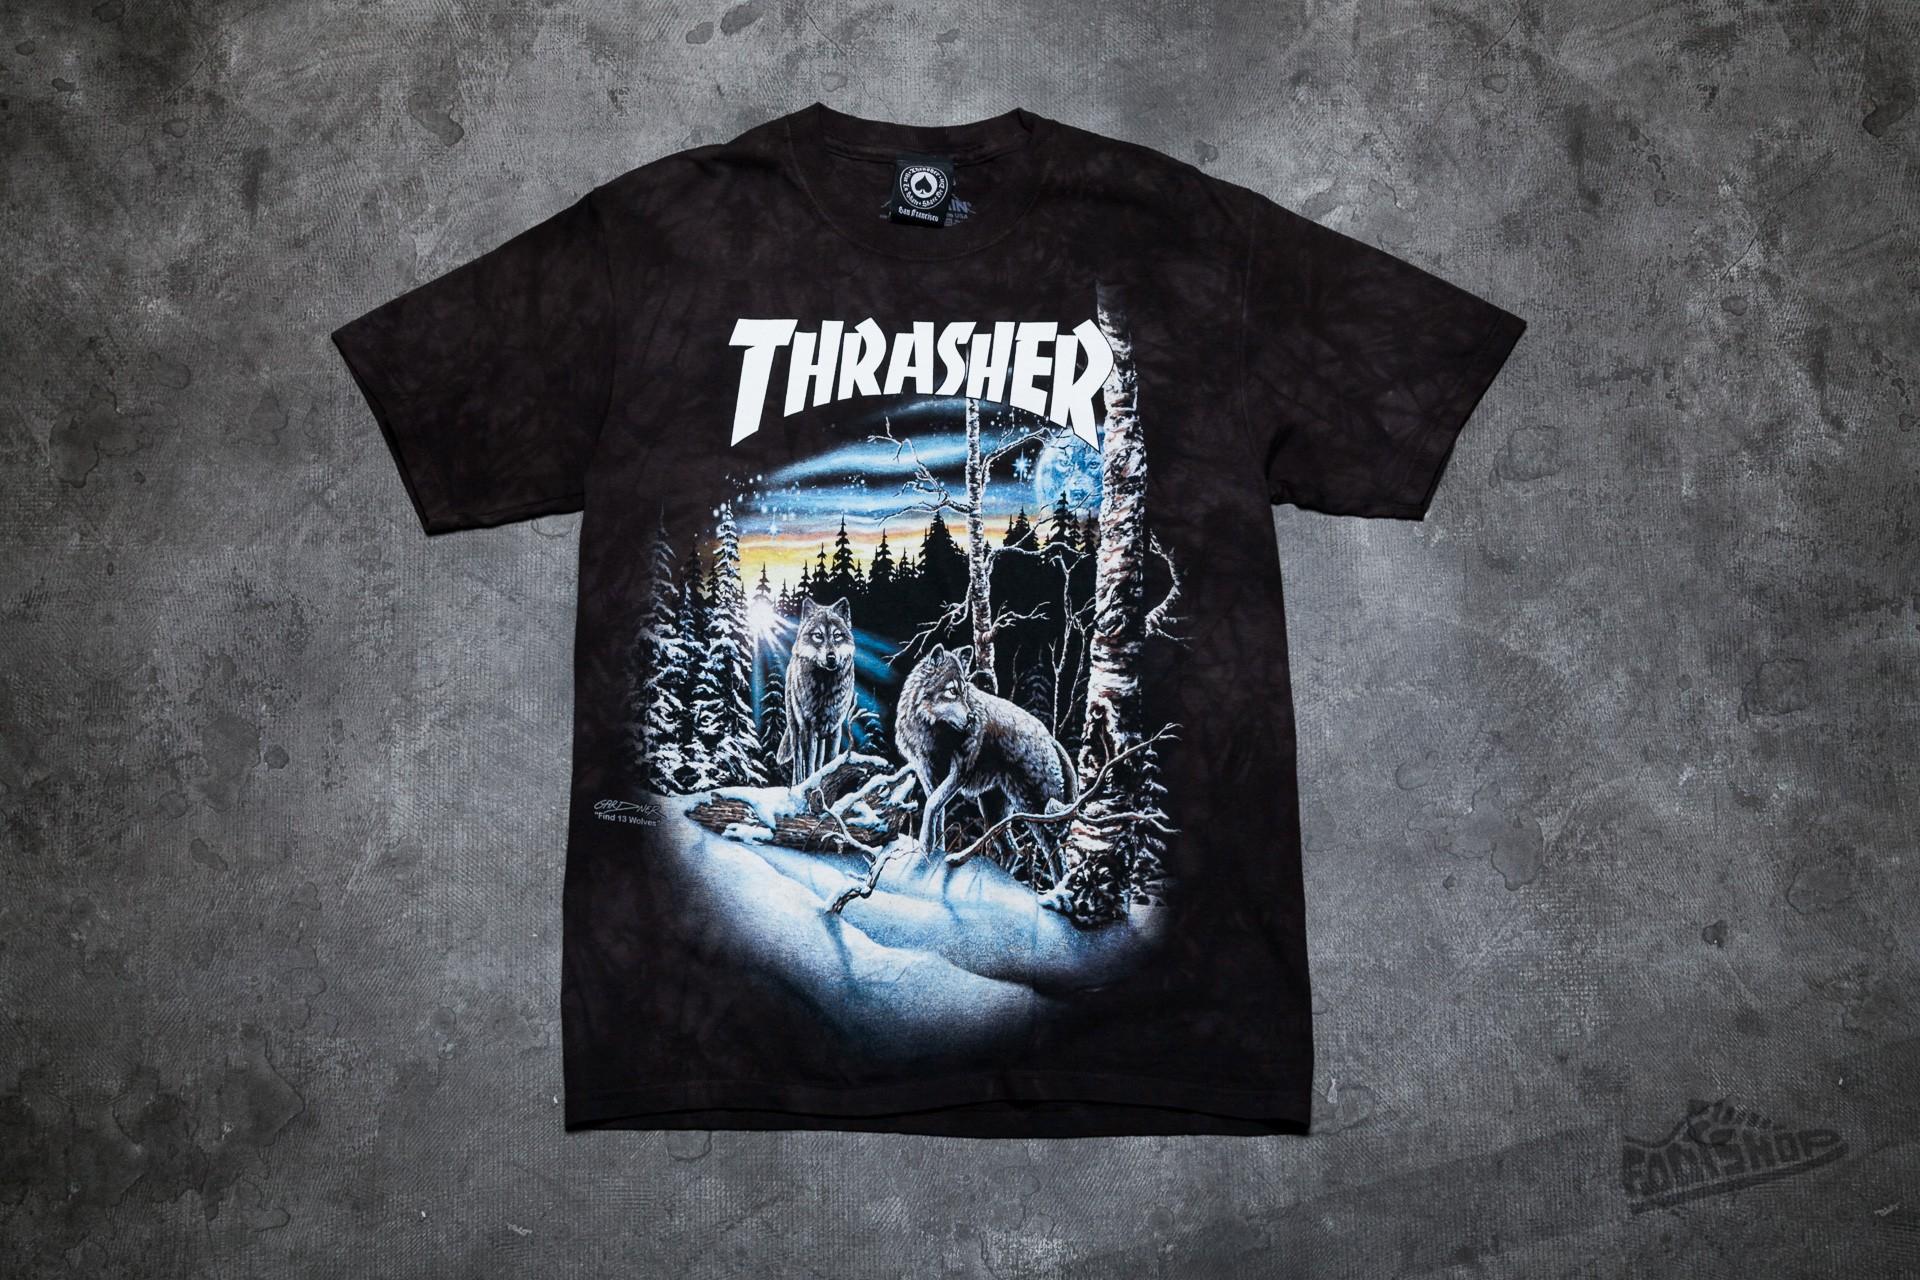 69c67726237e Thrasher 13 Wolves T-shirt Black Tie-Dye